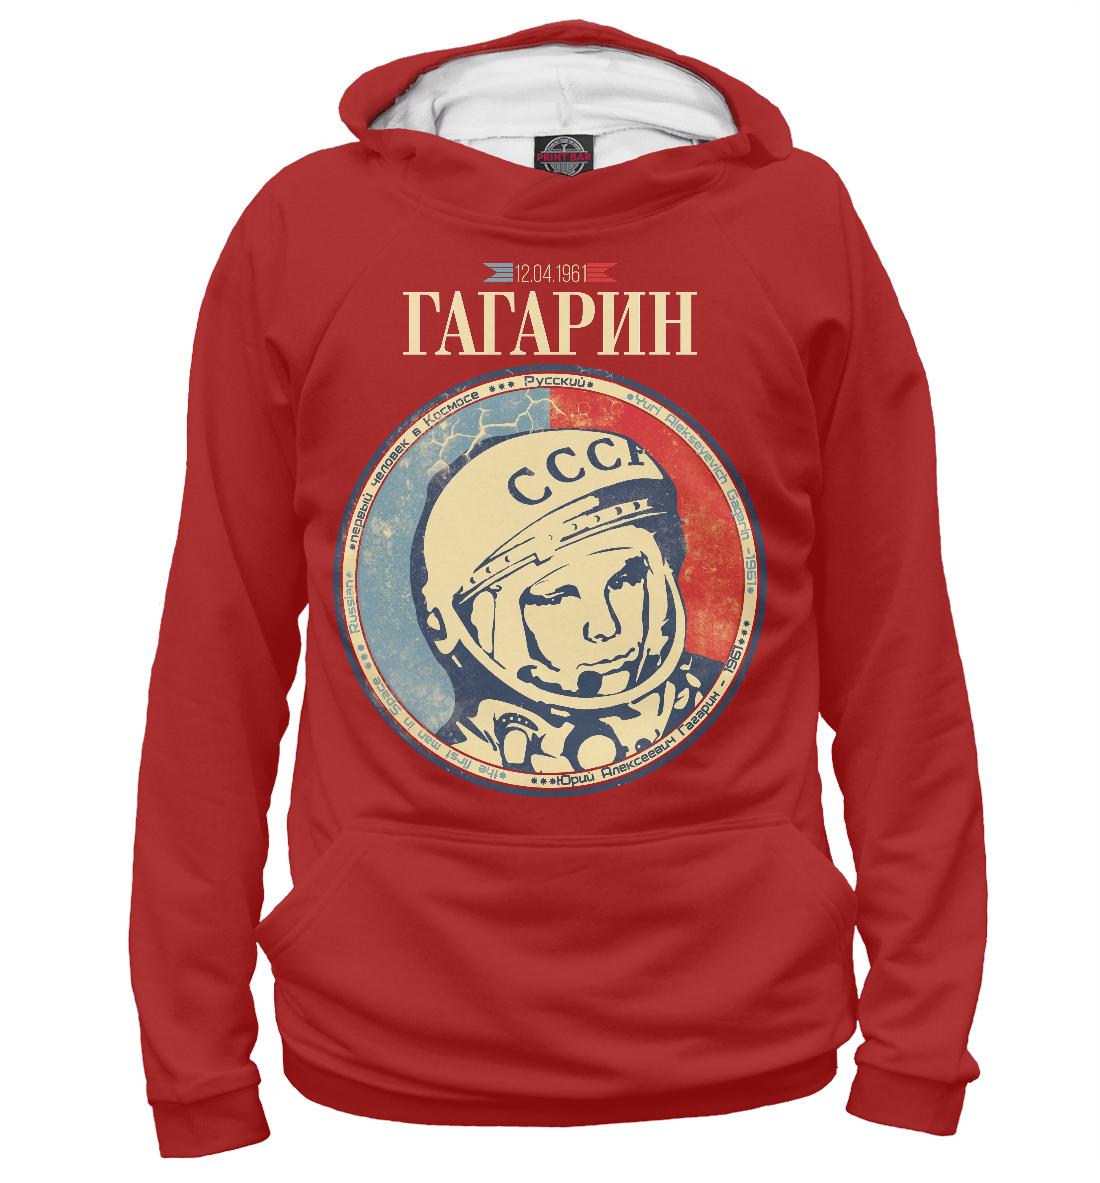 Купить Гагарин Ю.А., Printbar, Худи, SSS-652952-hud-1